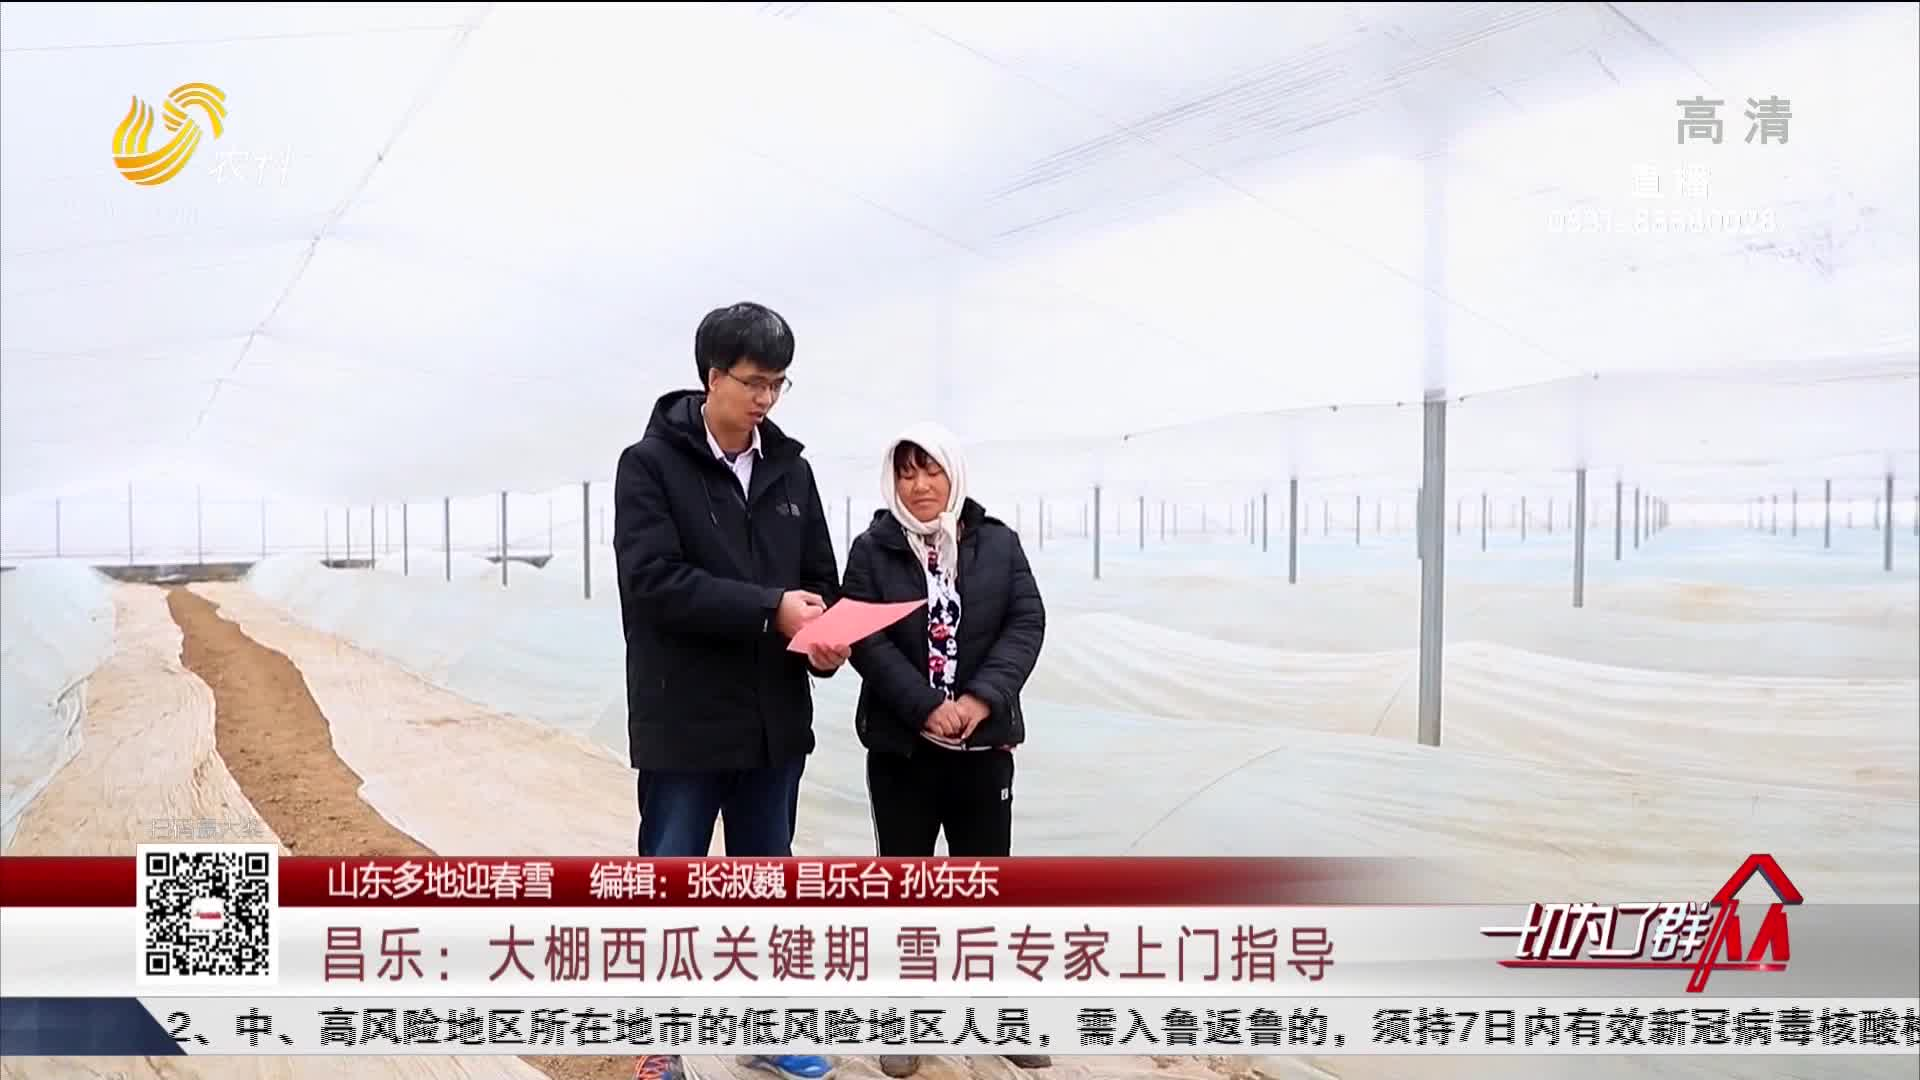 【山东多地迎春雪】昌乐:大棚西瓜关键期 雪后专家上门指导